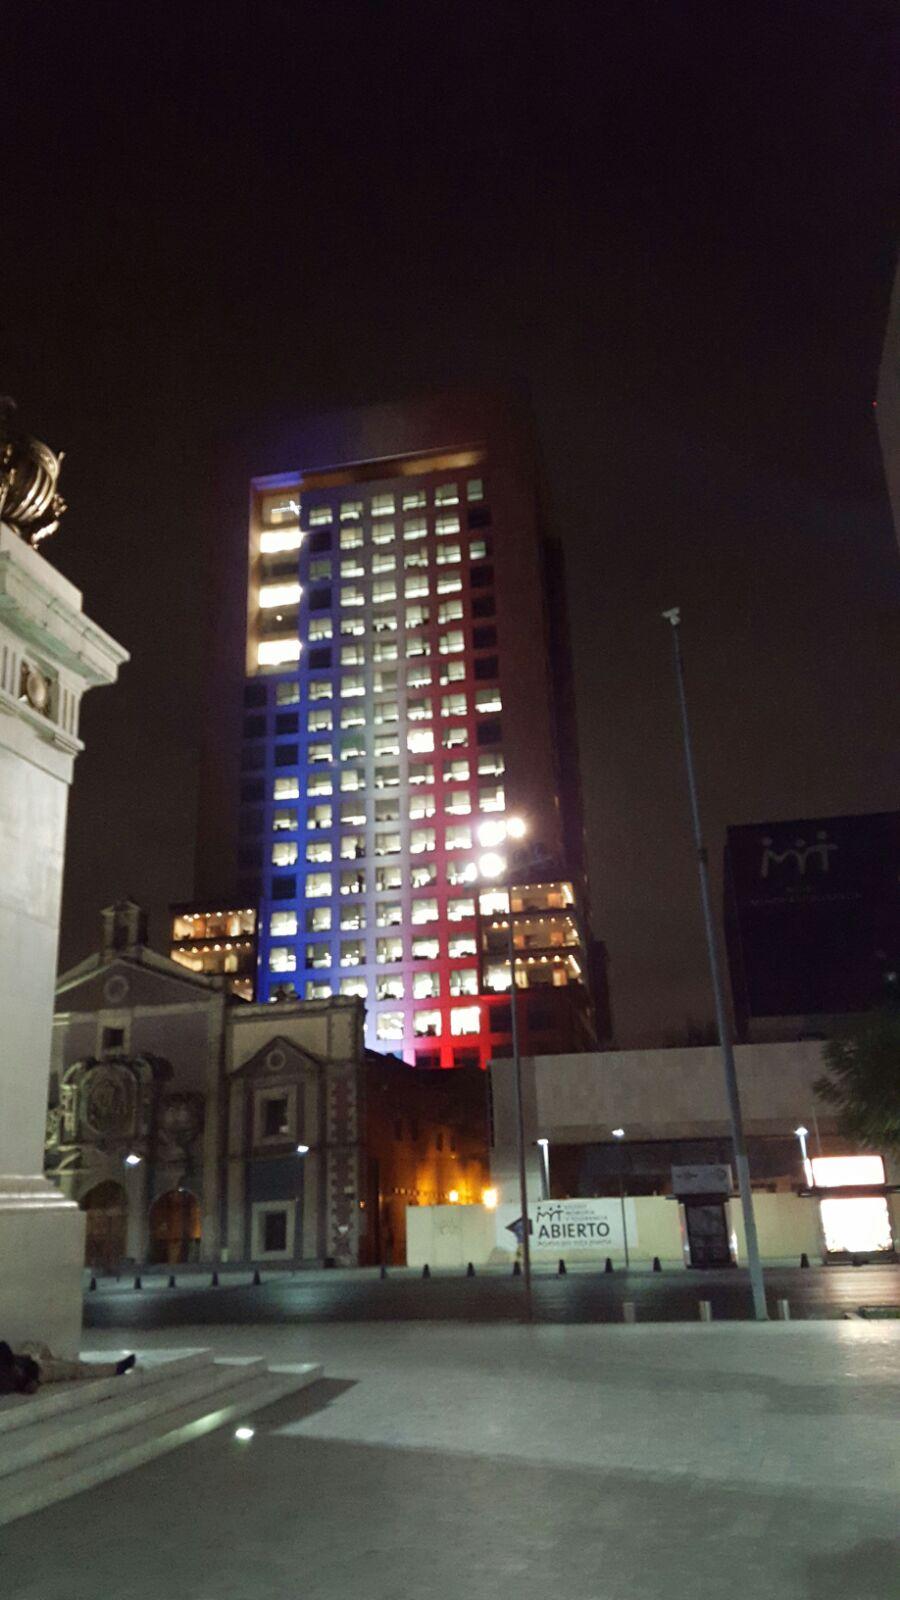 FOTO 4 Edificio de la Canciller a iluminado con los colores de Franciajpg